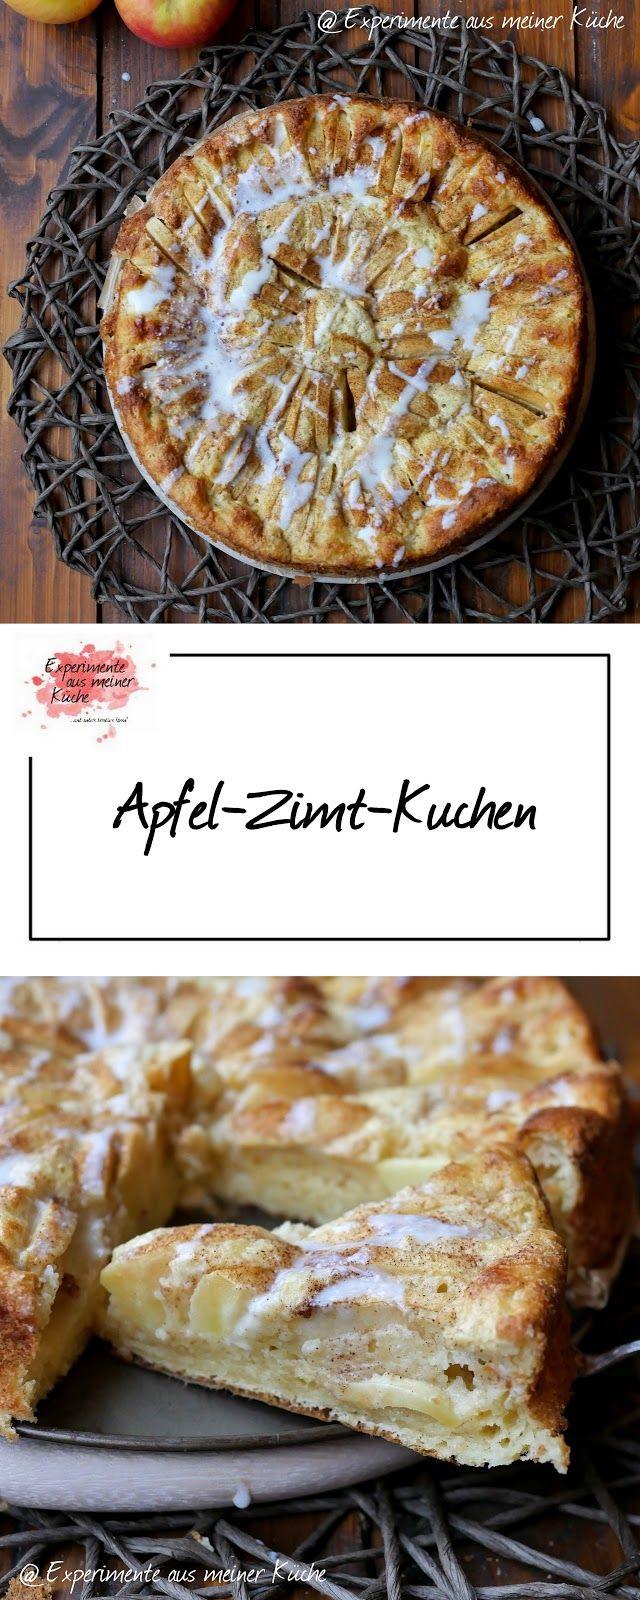 Apfel zimt kuchen glutenfrei